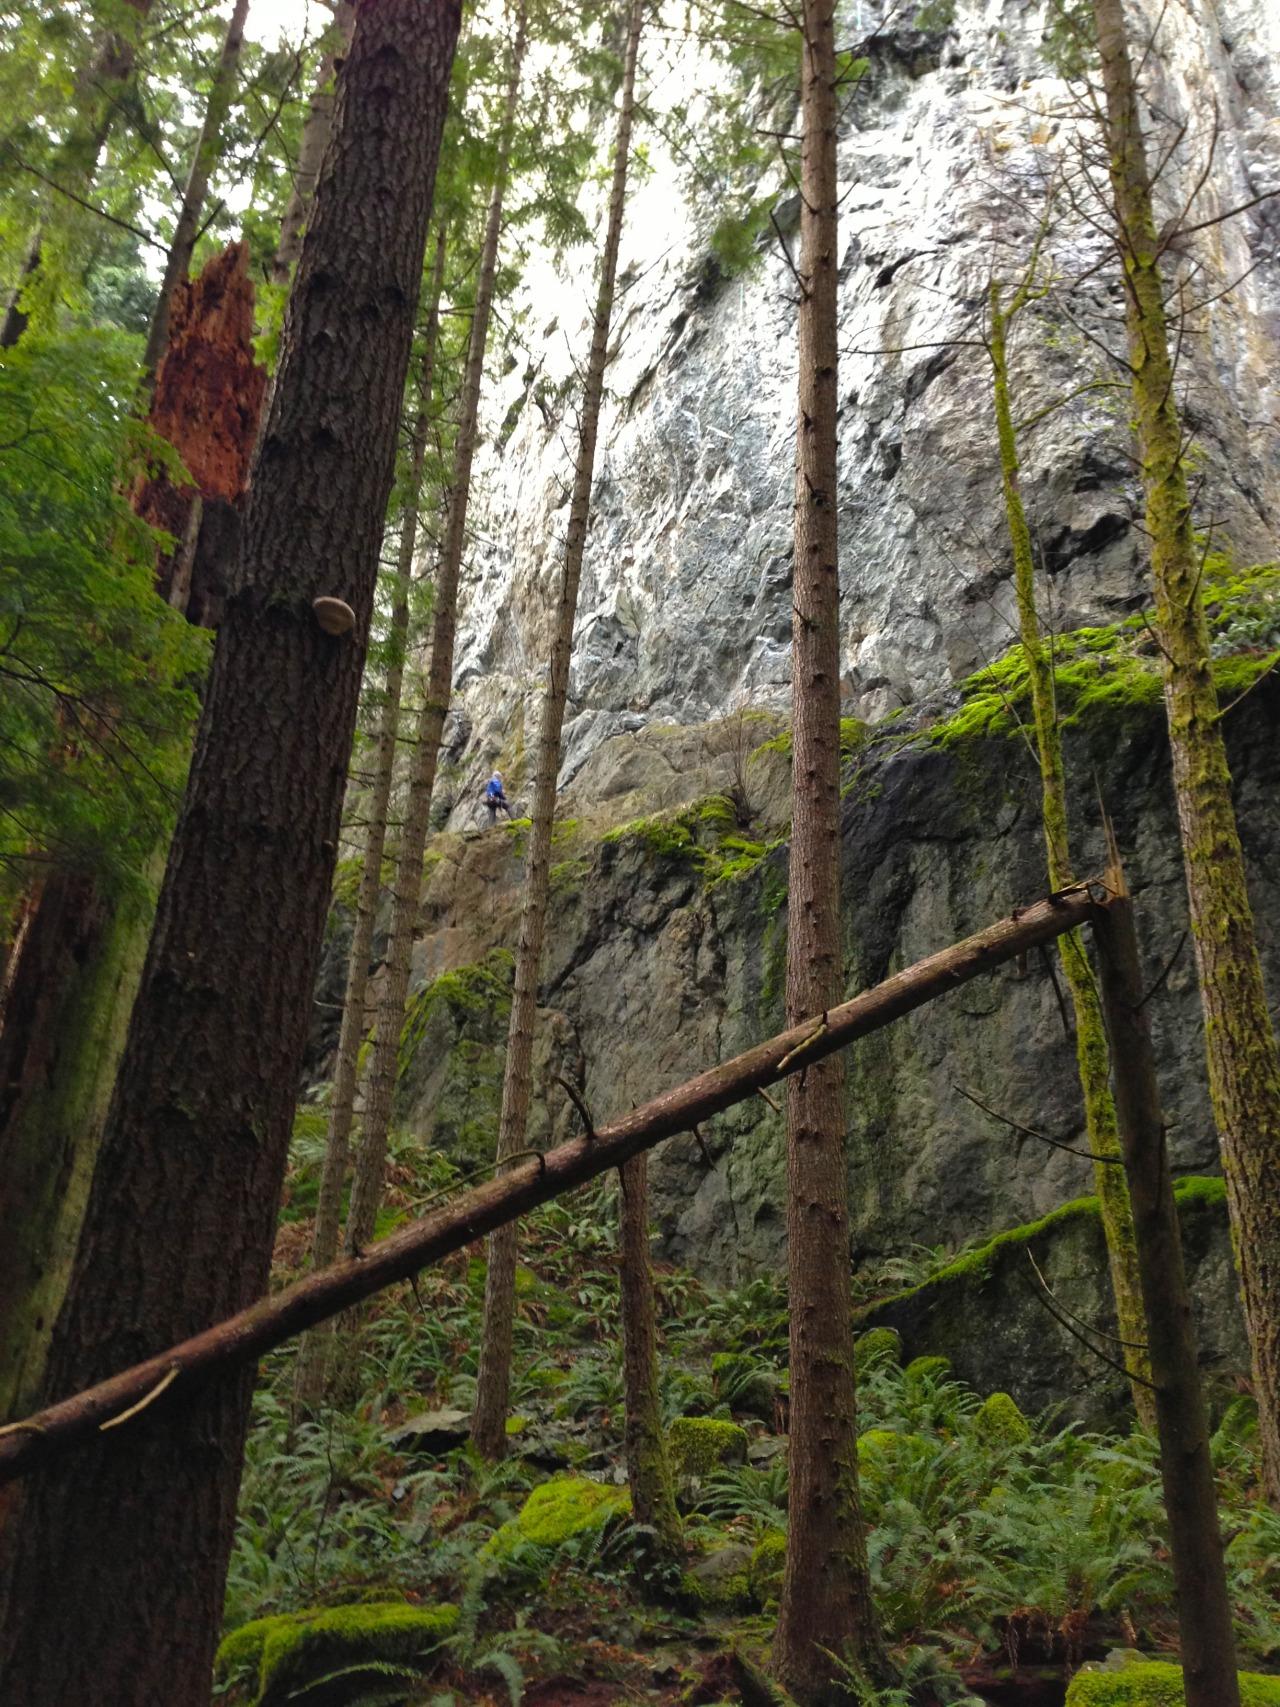 Spot the rock climber.